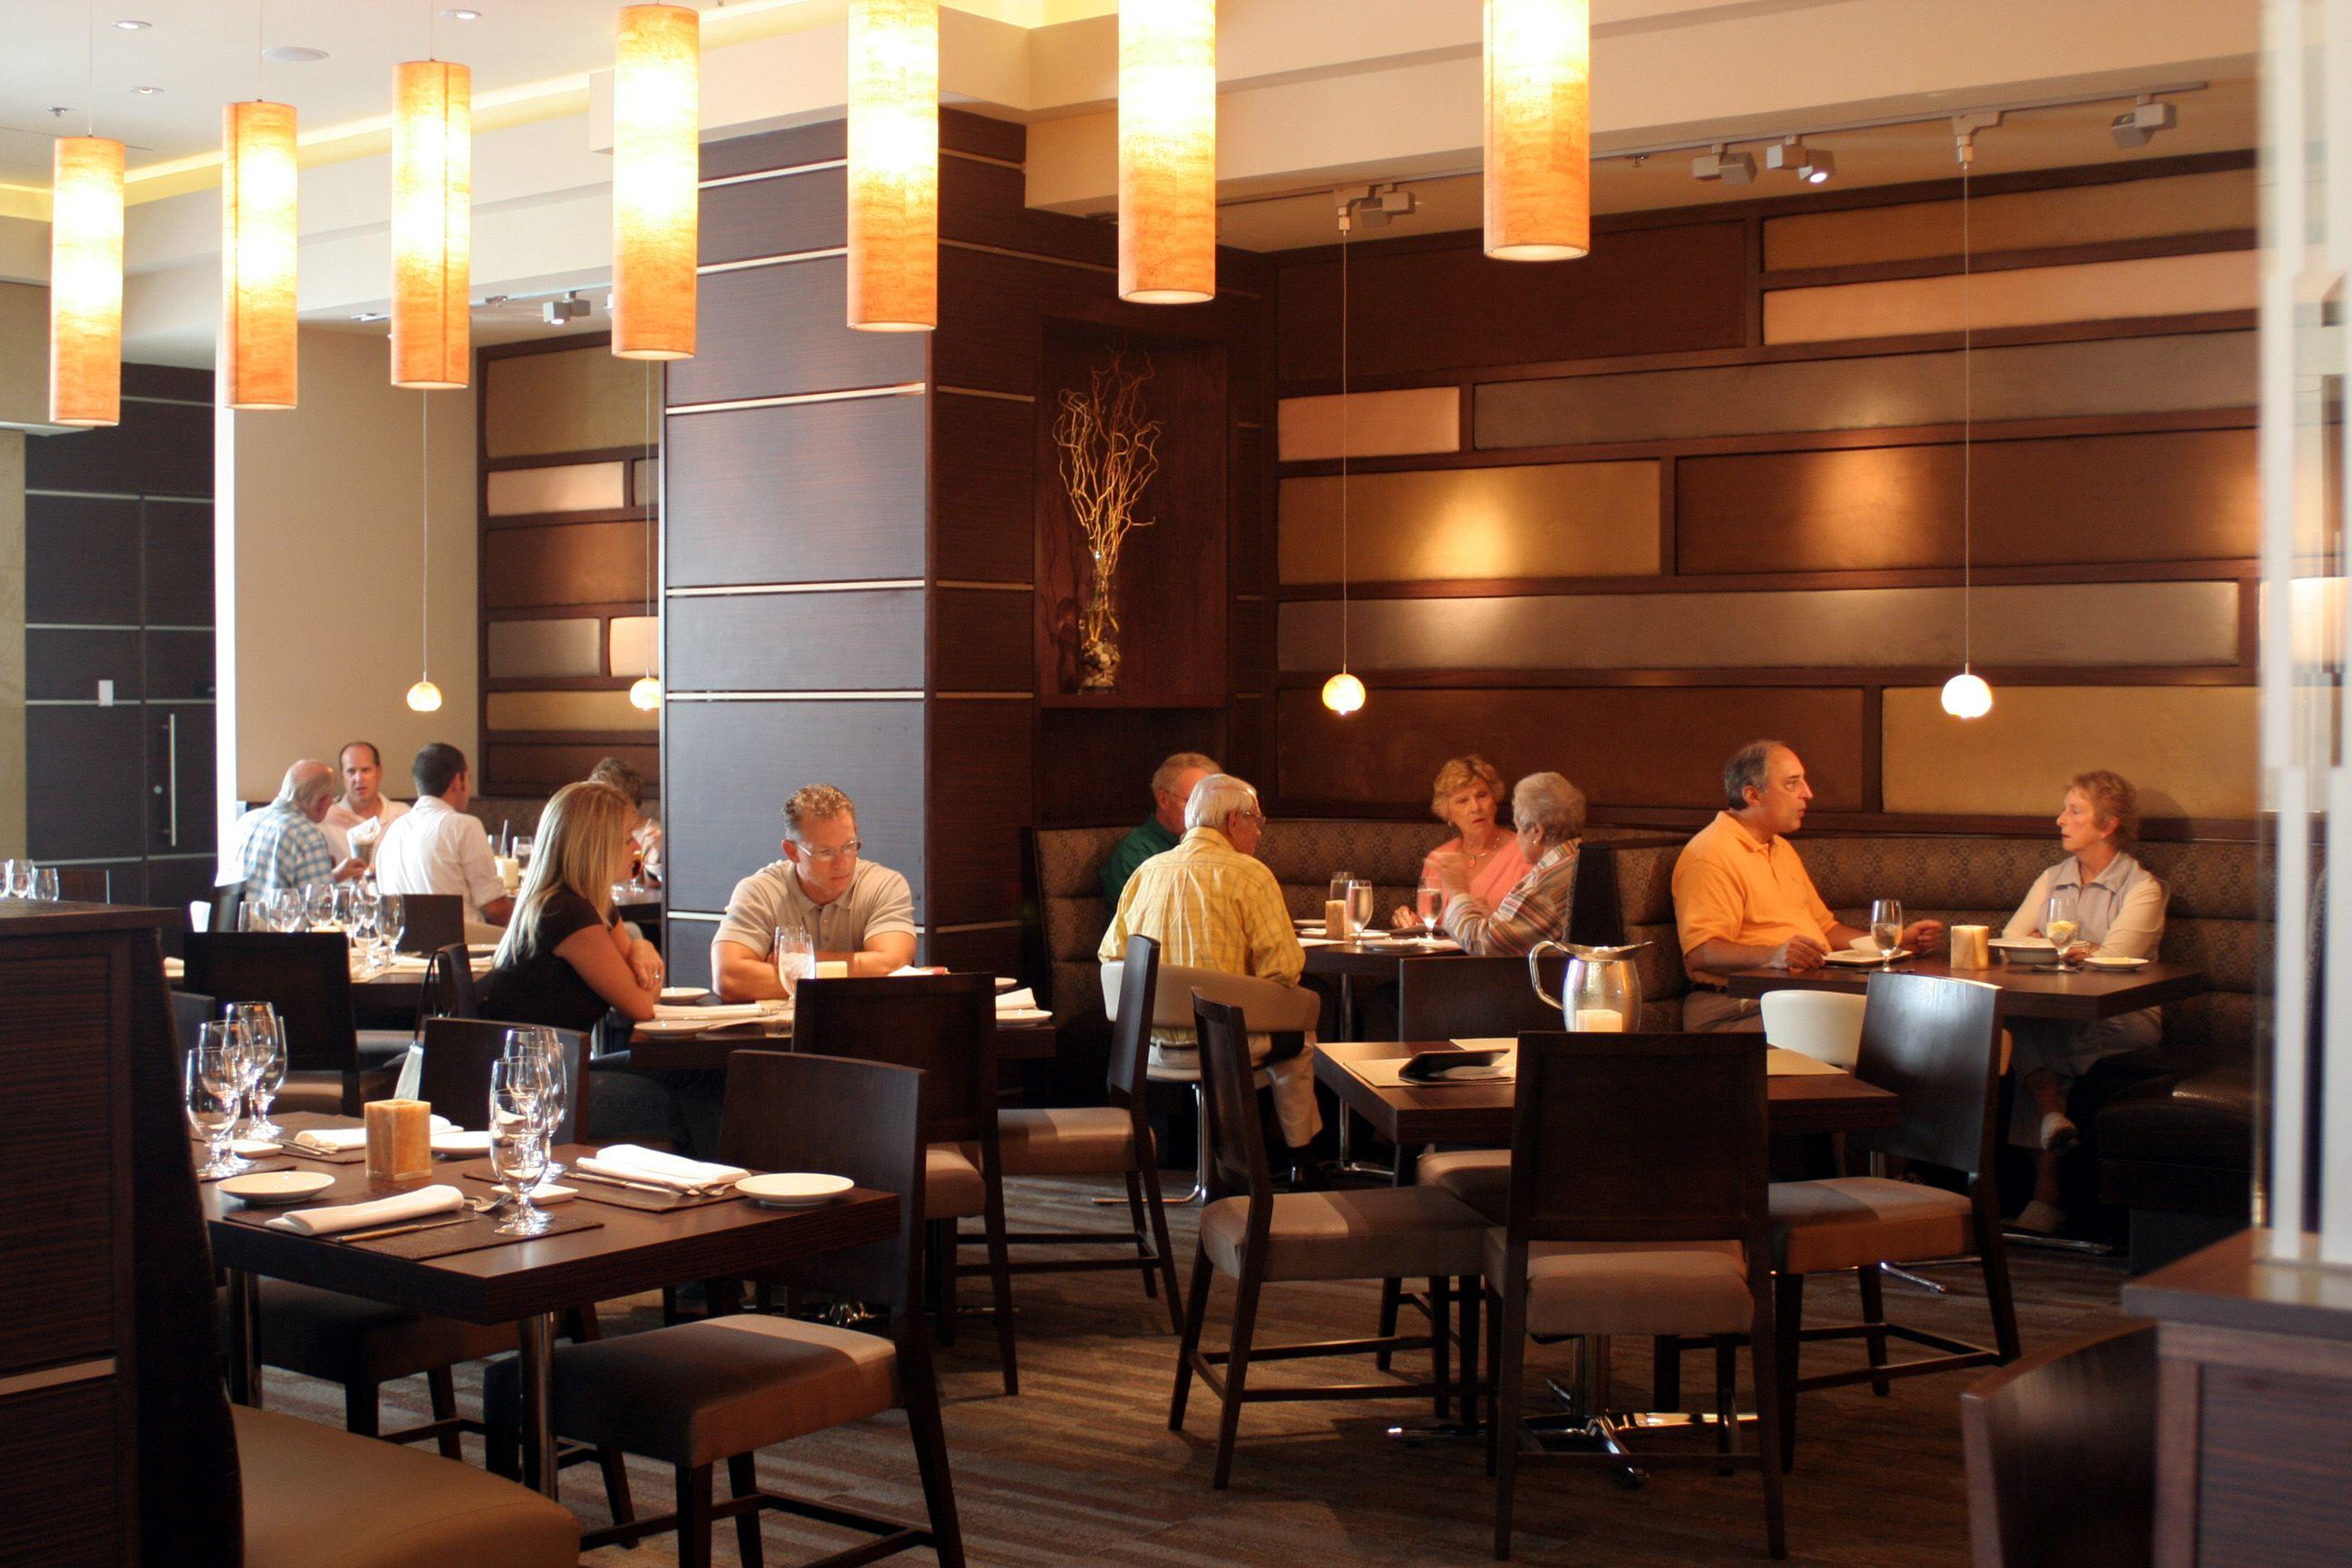 5 star Restaurants CHOWINGDOWN IN CHARLOTTE